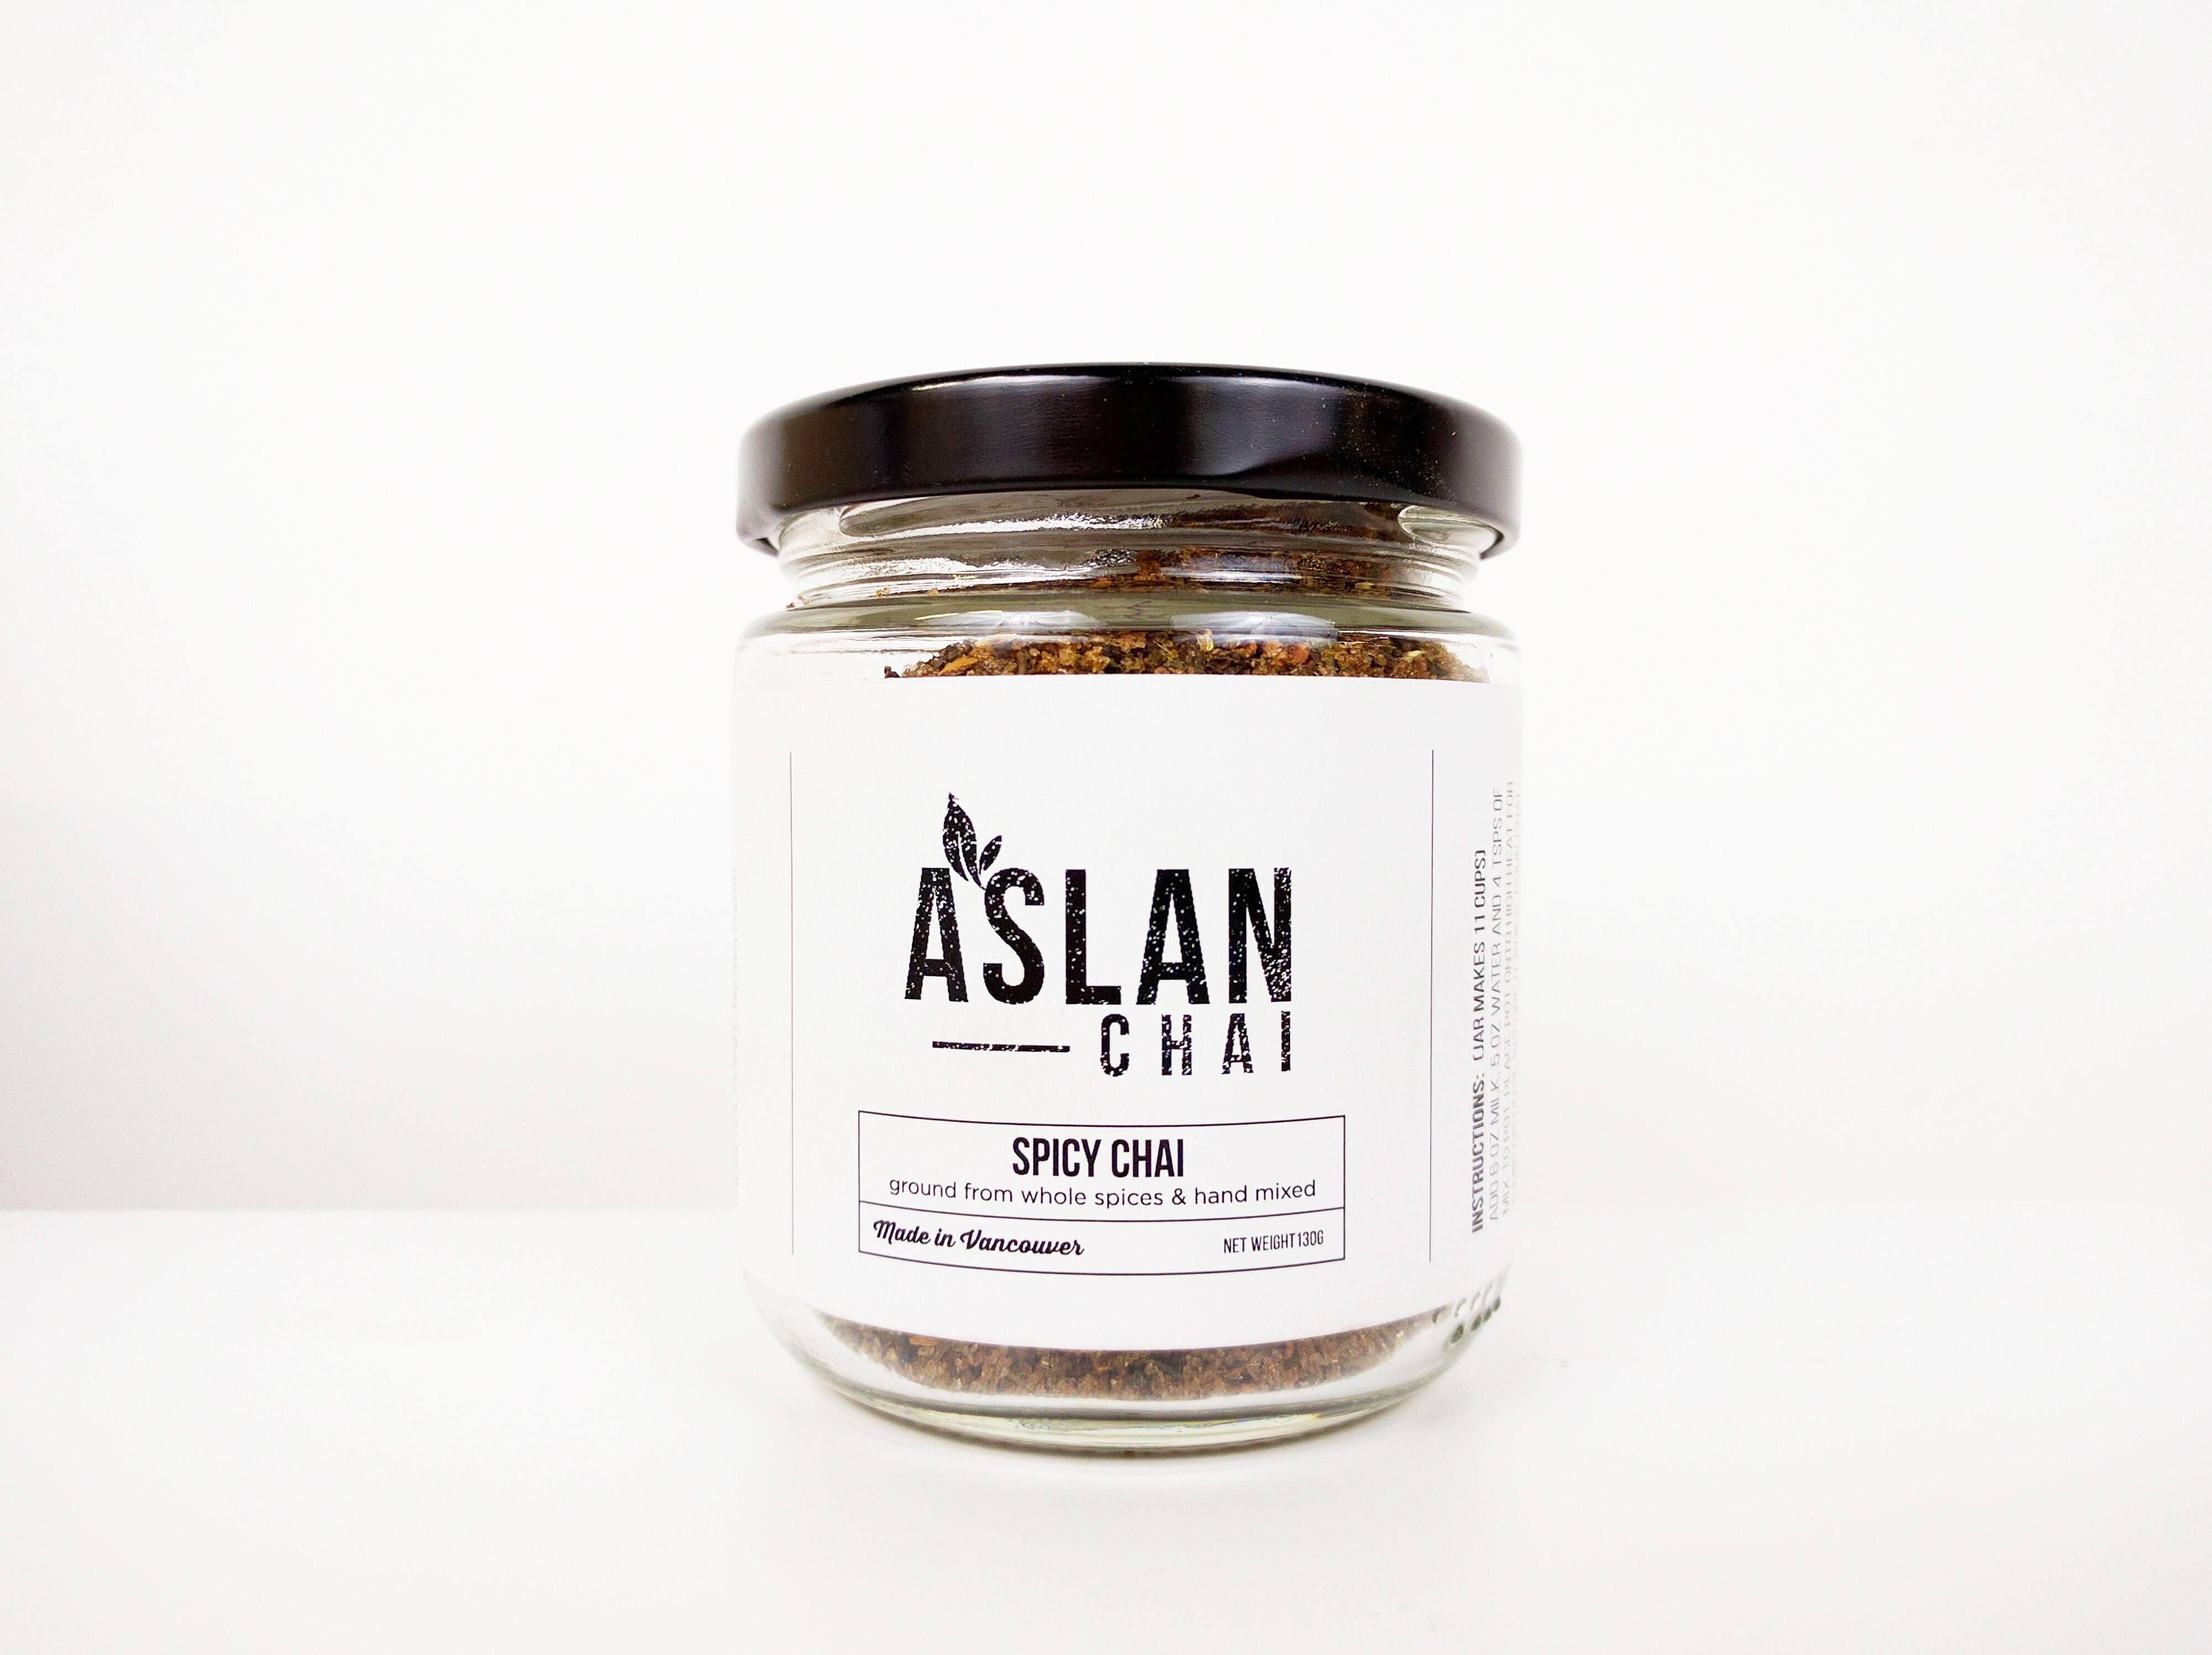 Aslan Chai